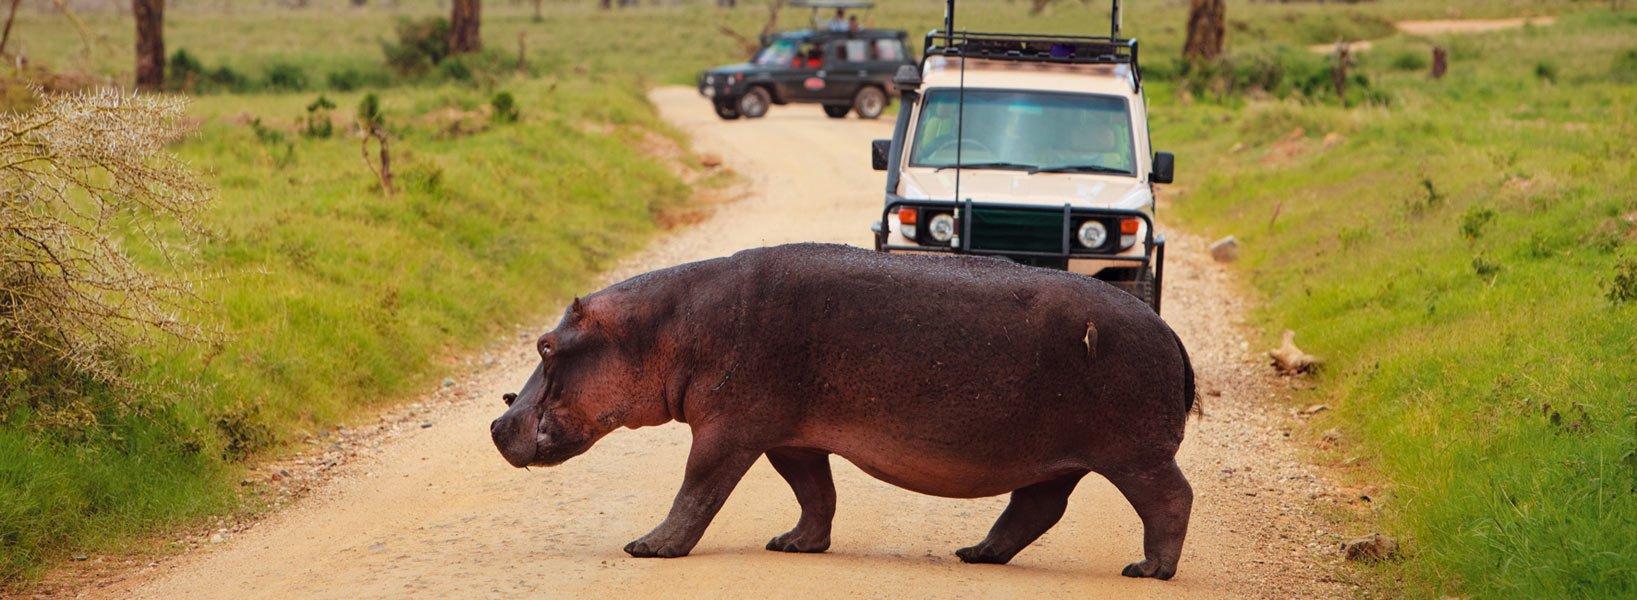 In viaggio alla scoperta degli altipiani di Ngorongoro